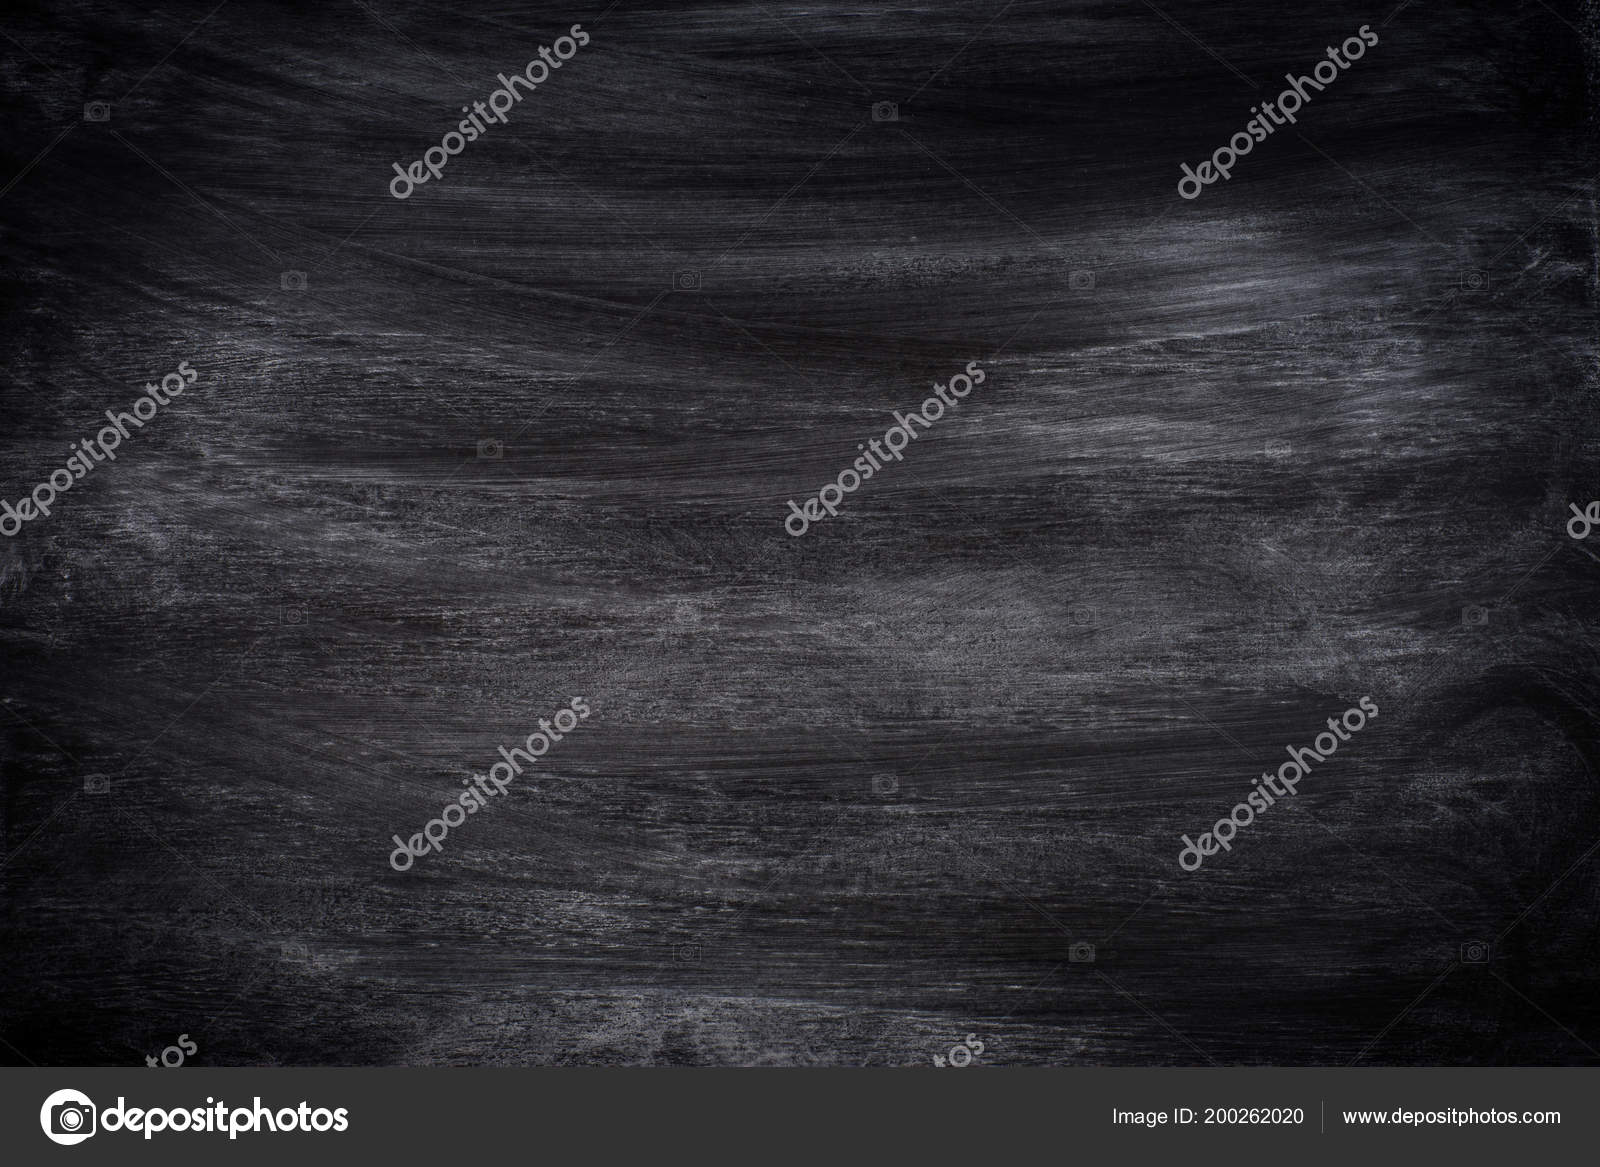 Kreide Eingerieben Tafel Zusammenfassung Hintergrund Leere Vorlage ...